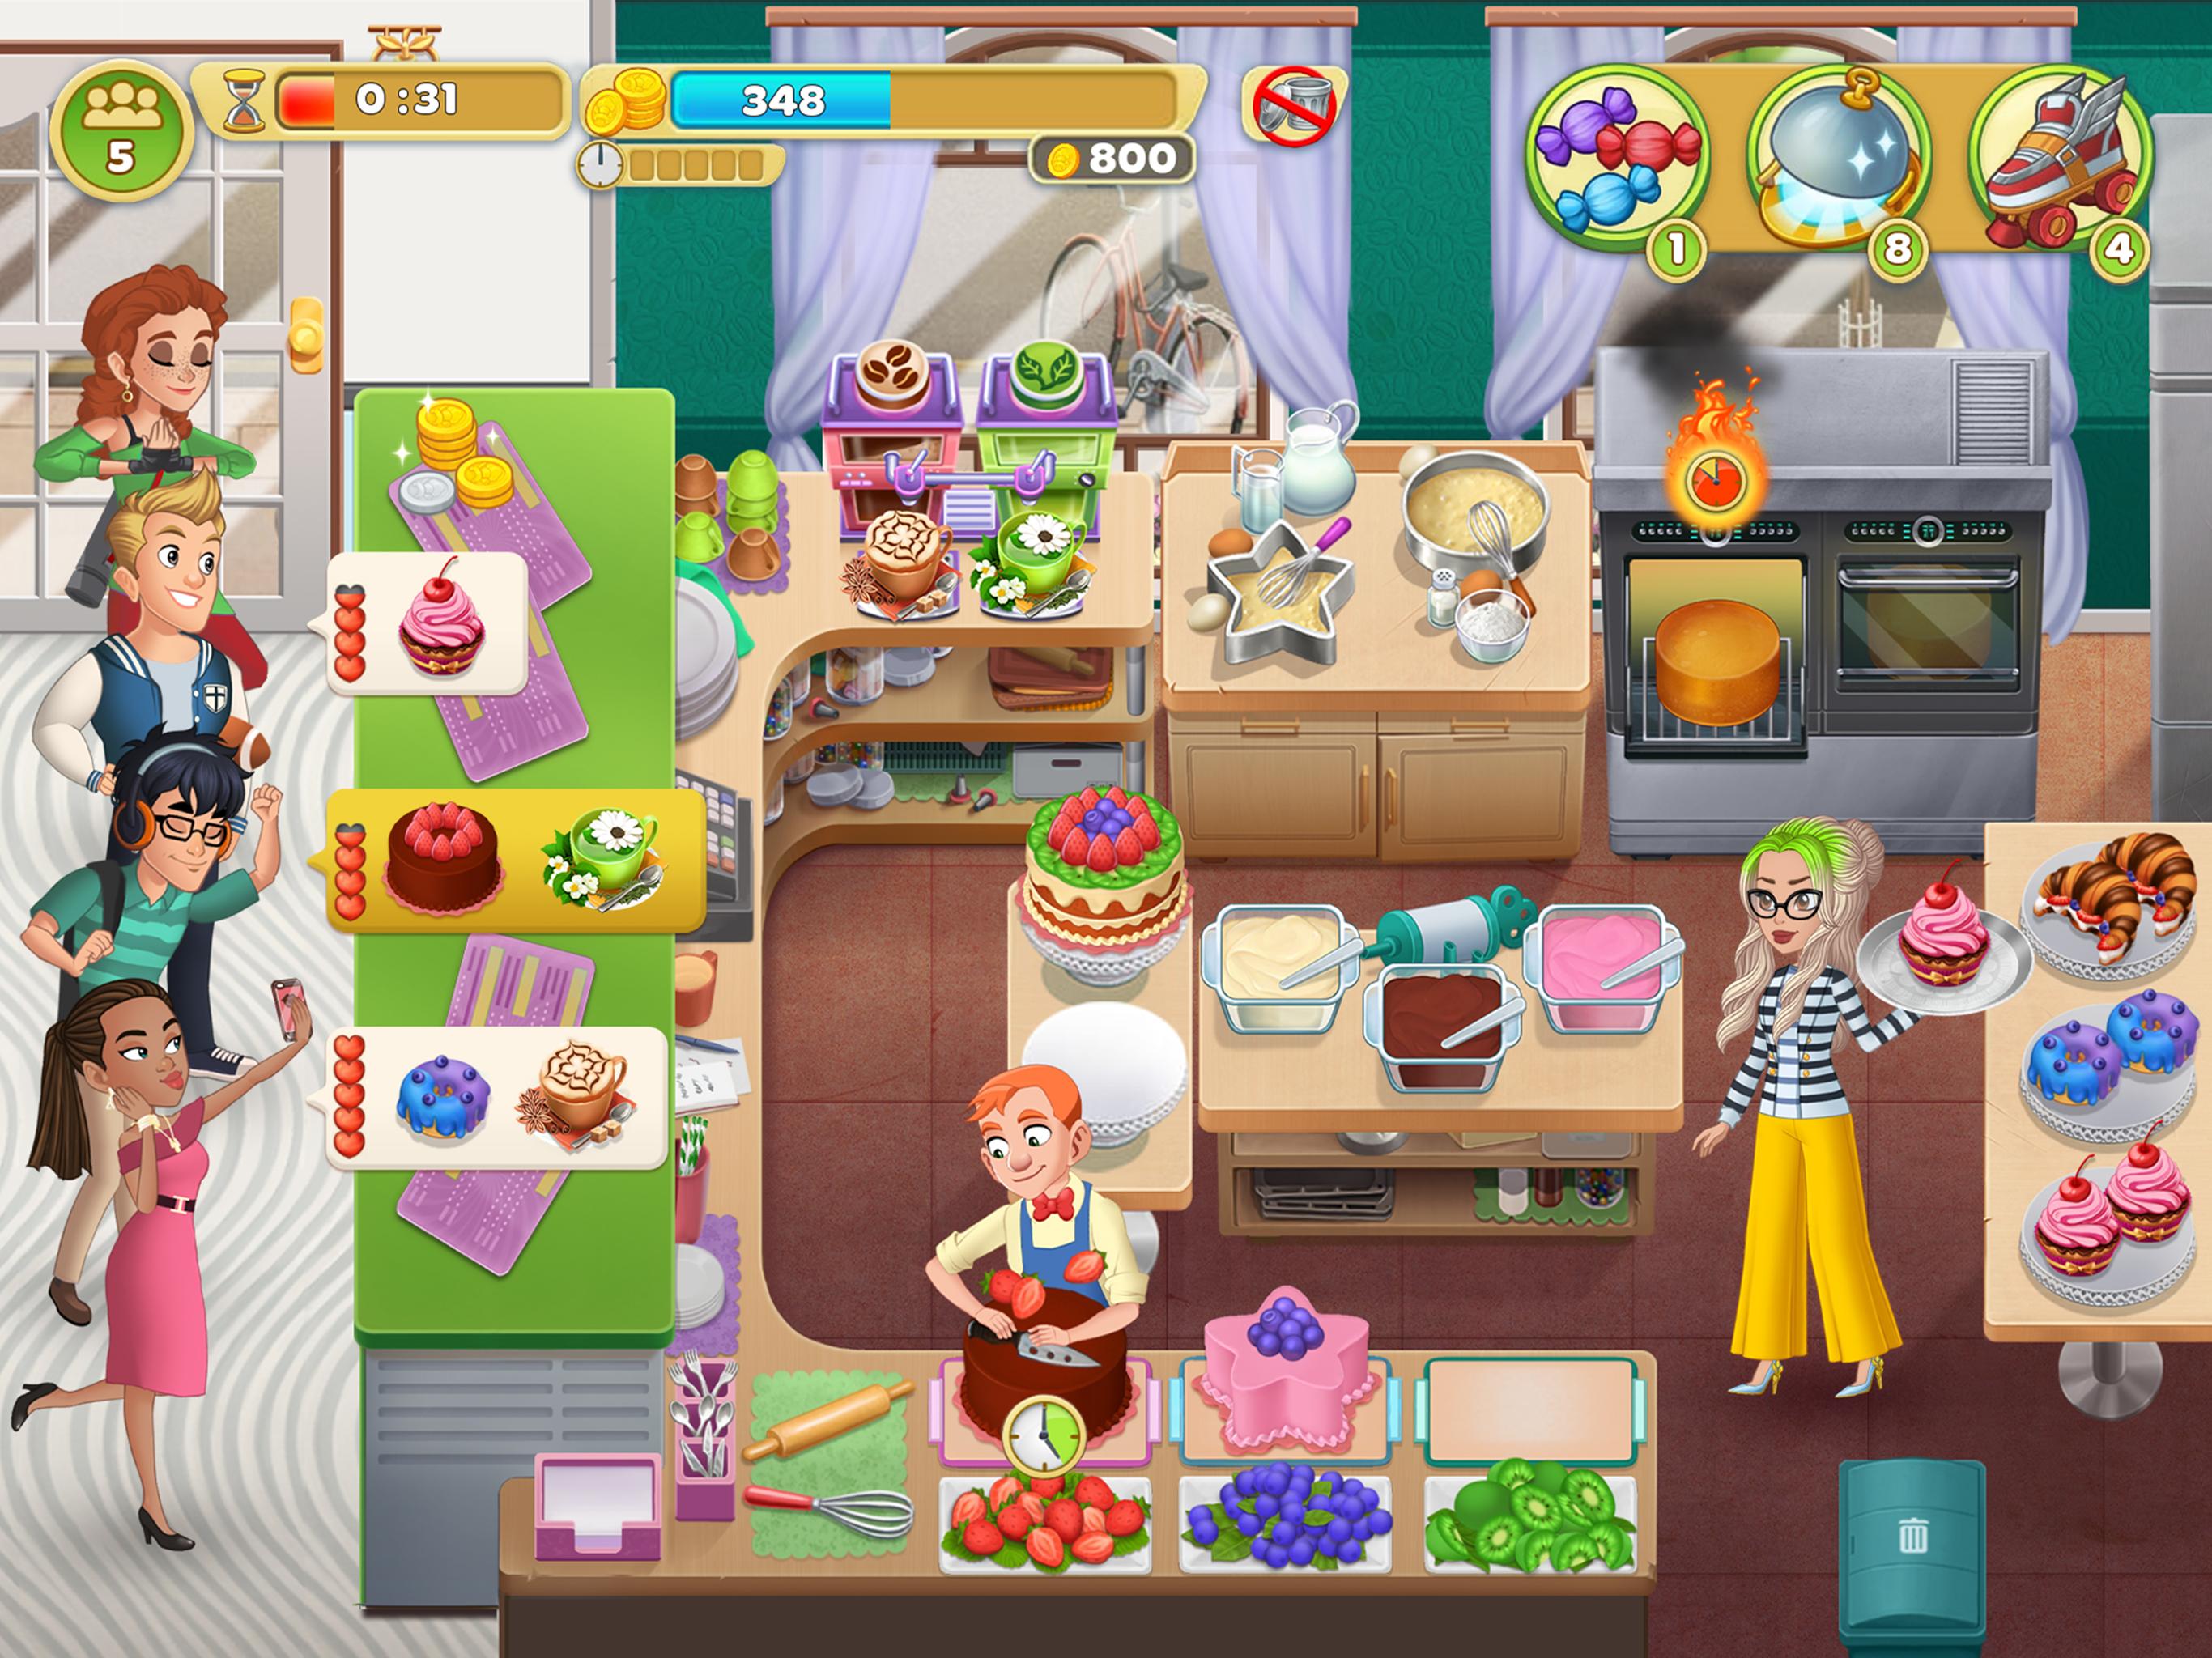 CD_Update_1.24_gameplay_iPad_2732x2048